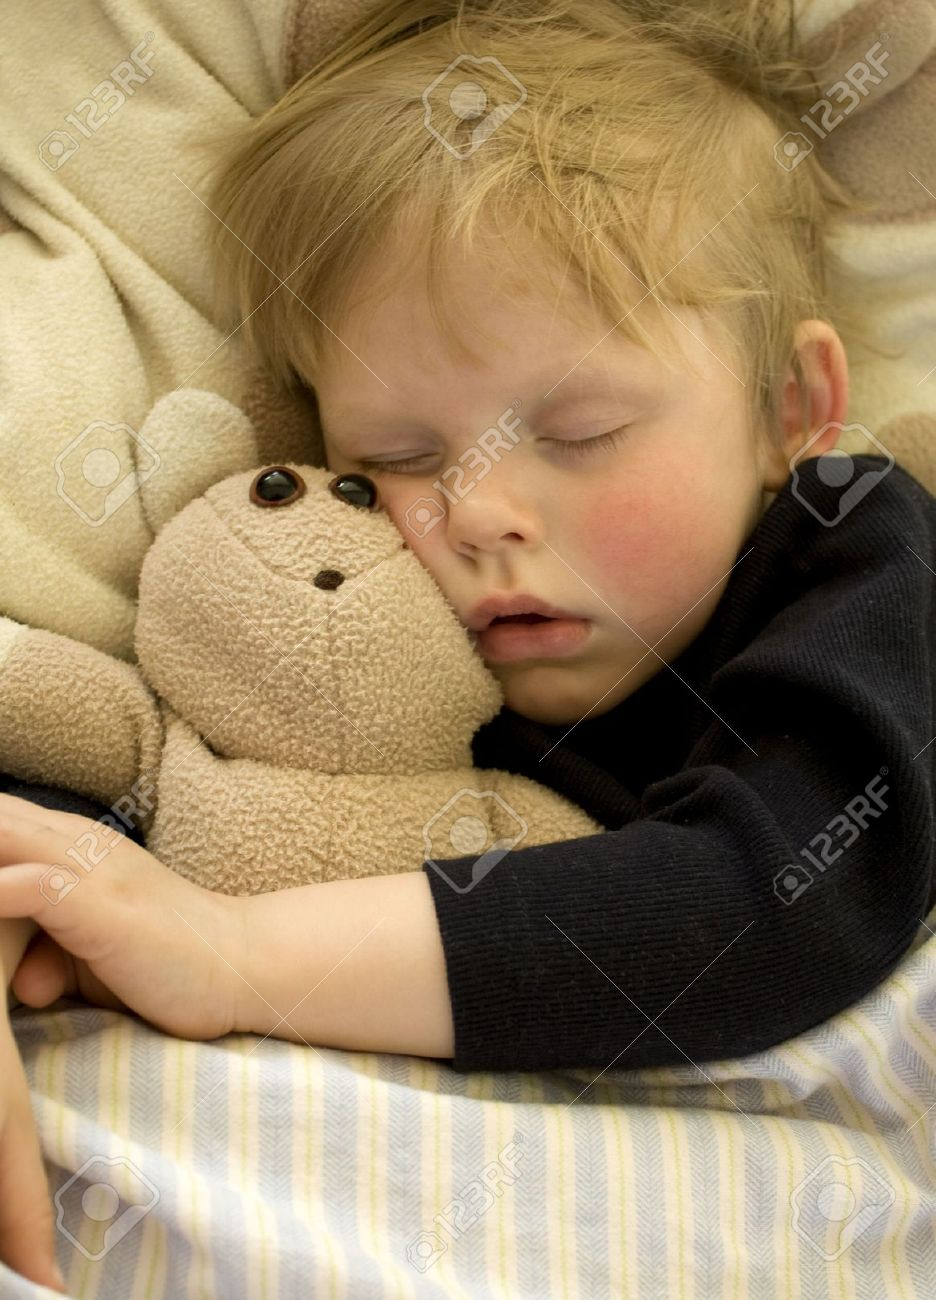 Cute sleeping child cuddling his teddy bear - 6965389